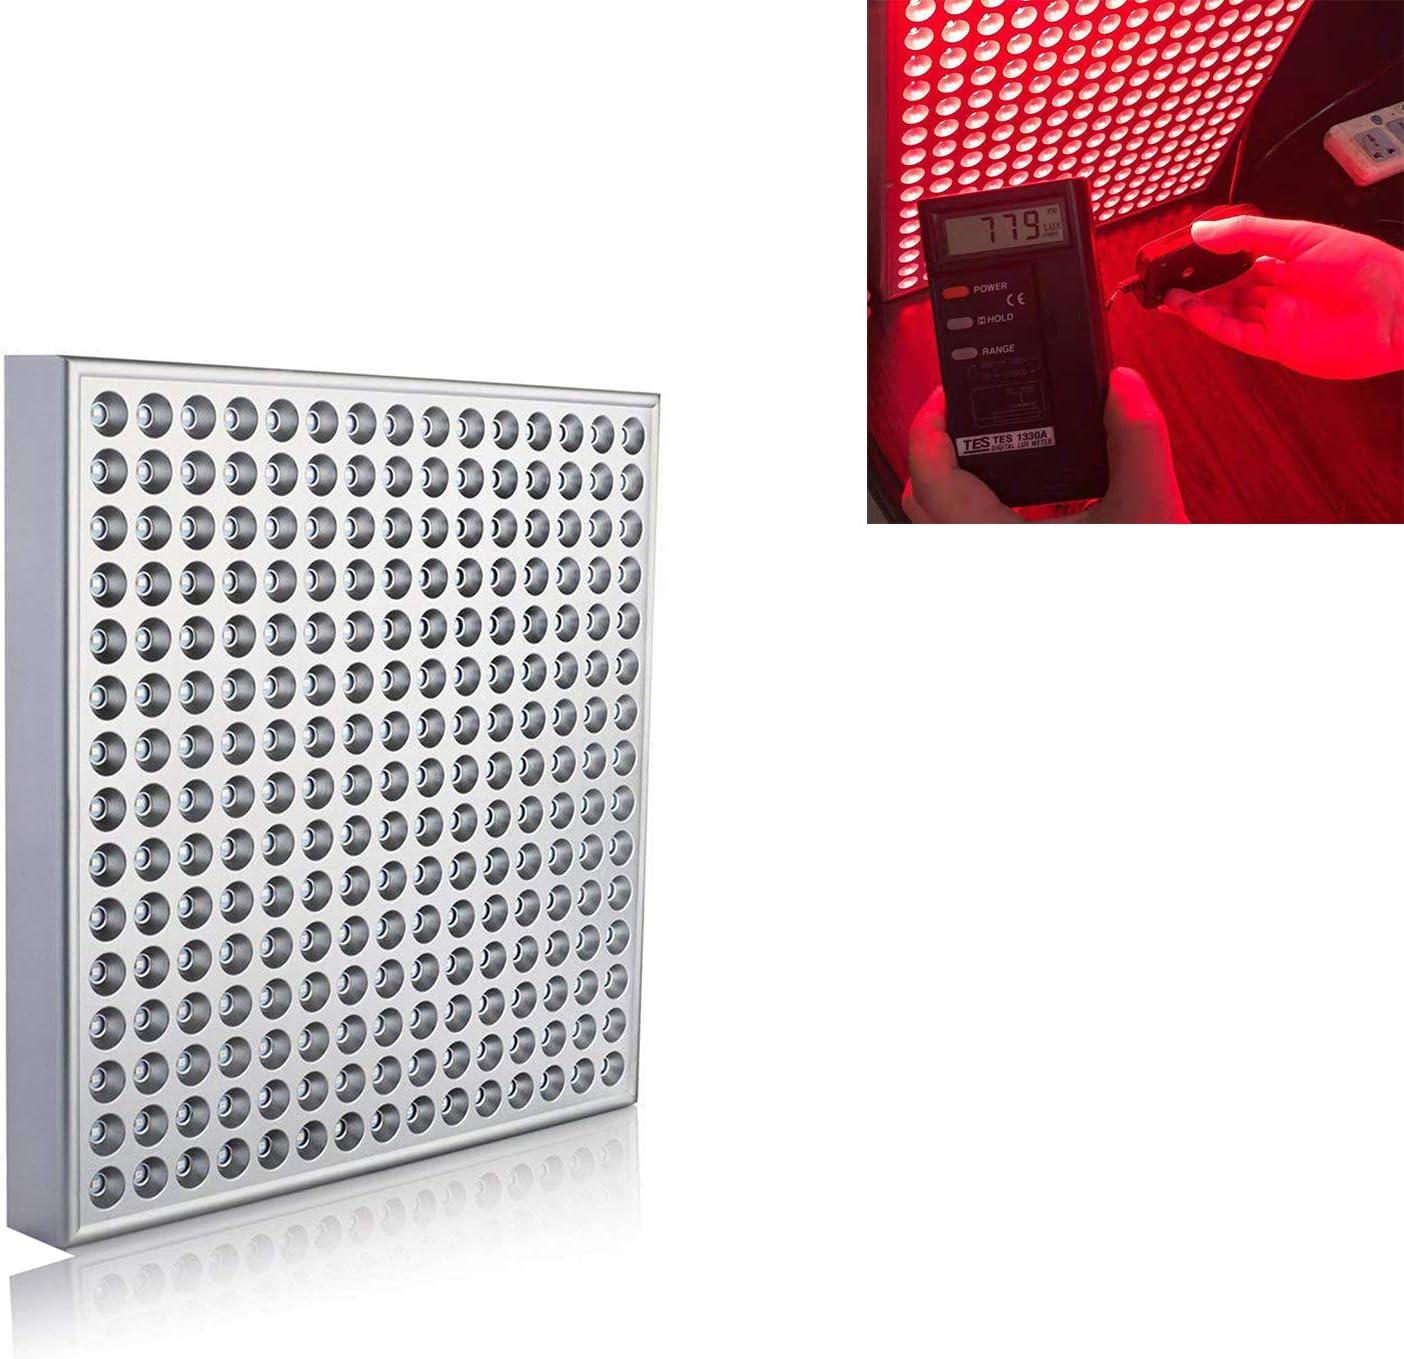 HSART Lámpara De Terapia LED De Luz Roja 660 NM, 850 NM Panel LED De Infrarrojo Cercano Aliviar Los Problemas De La Piel Lámpara De Fisioterapia